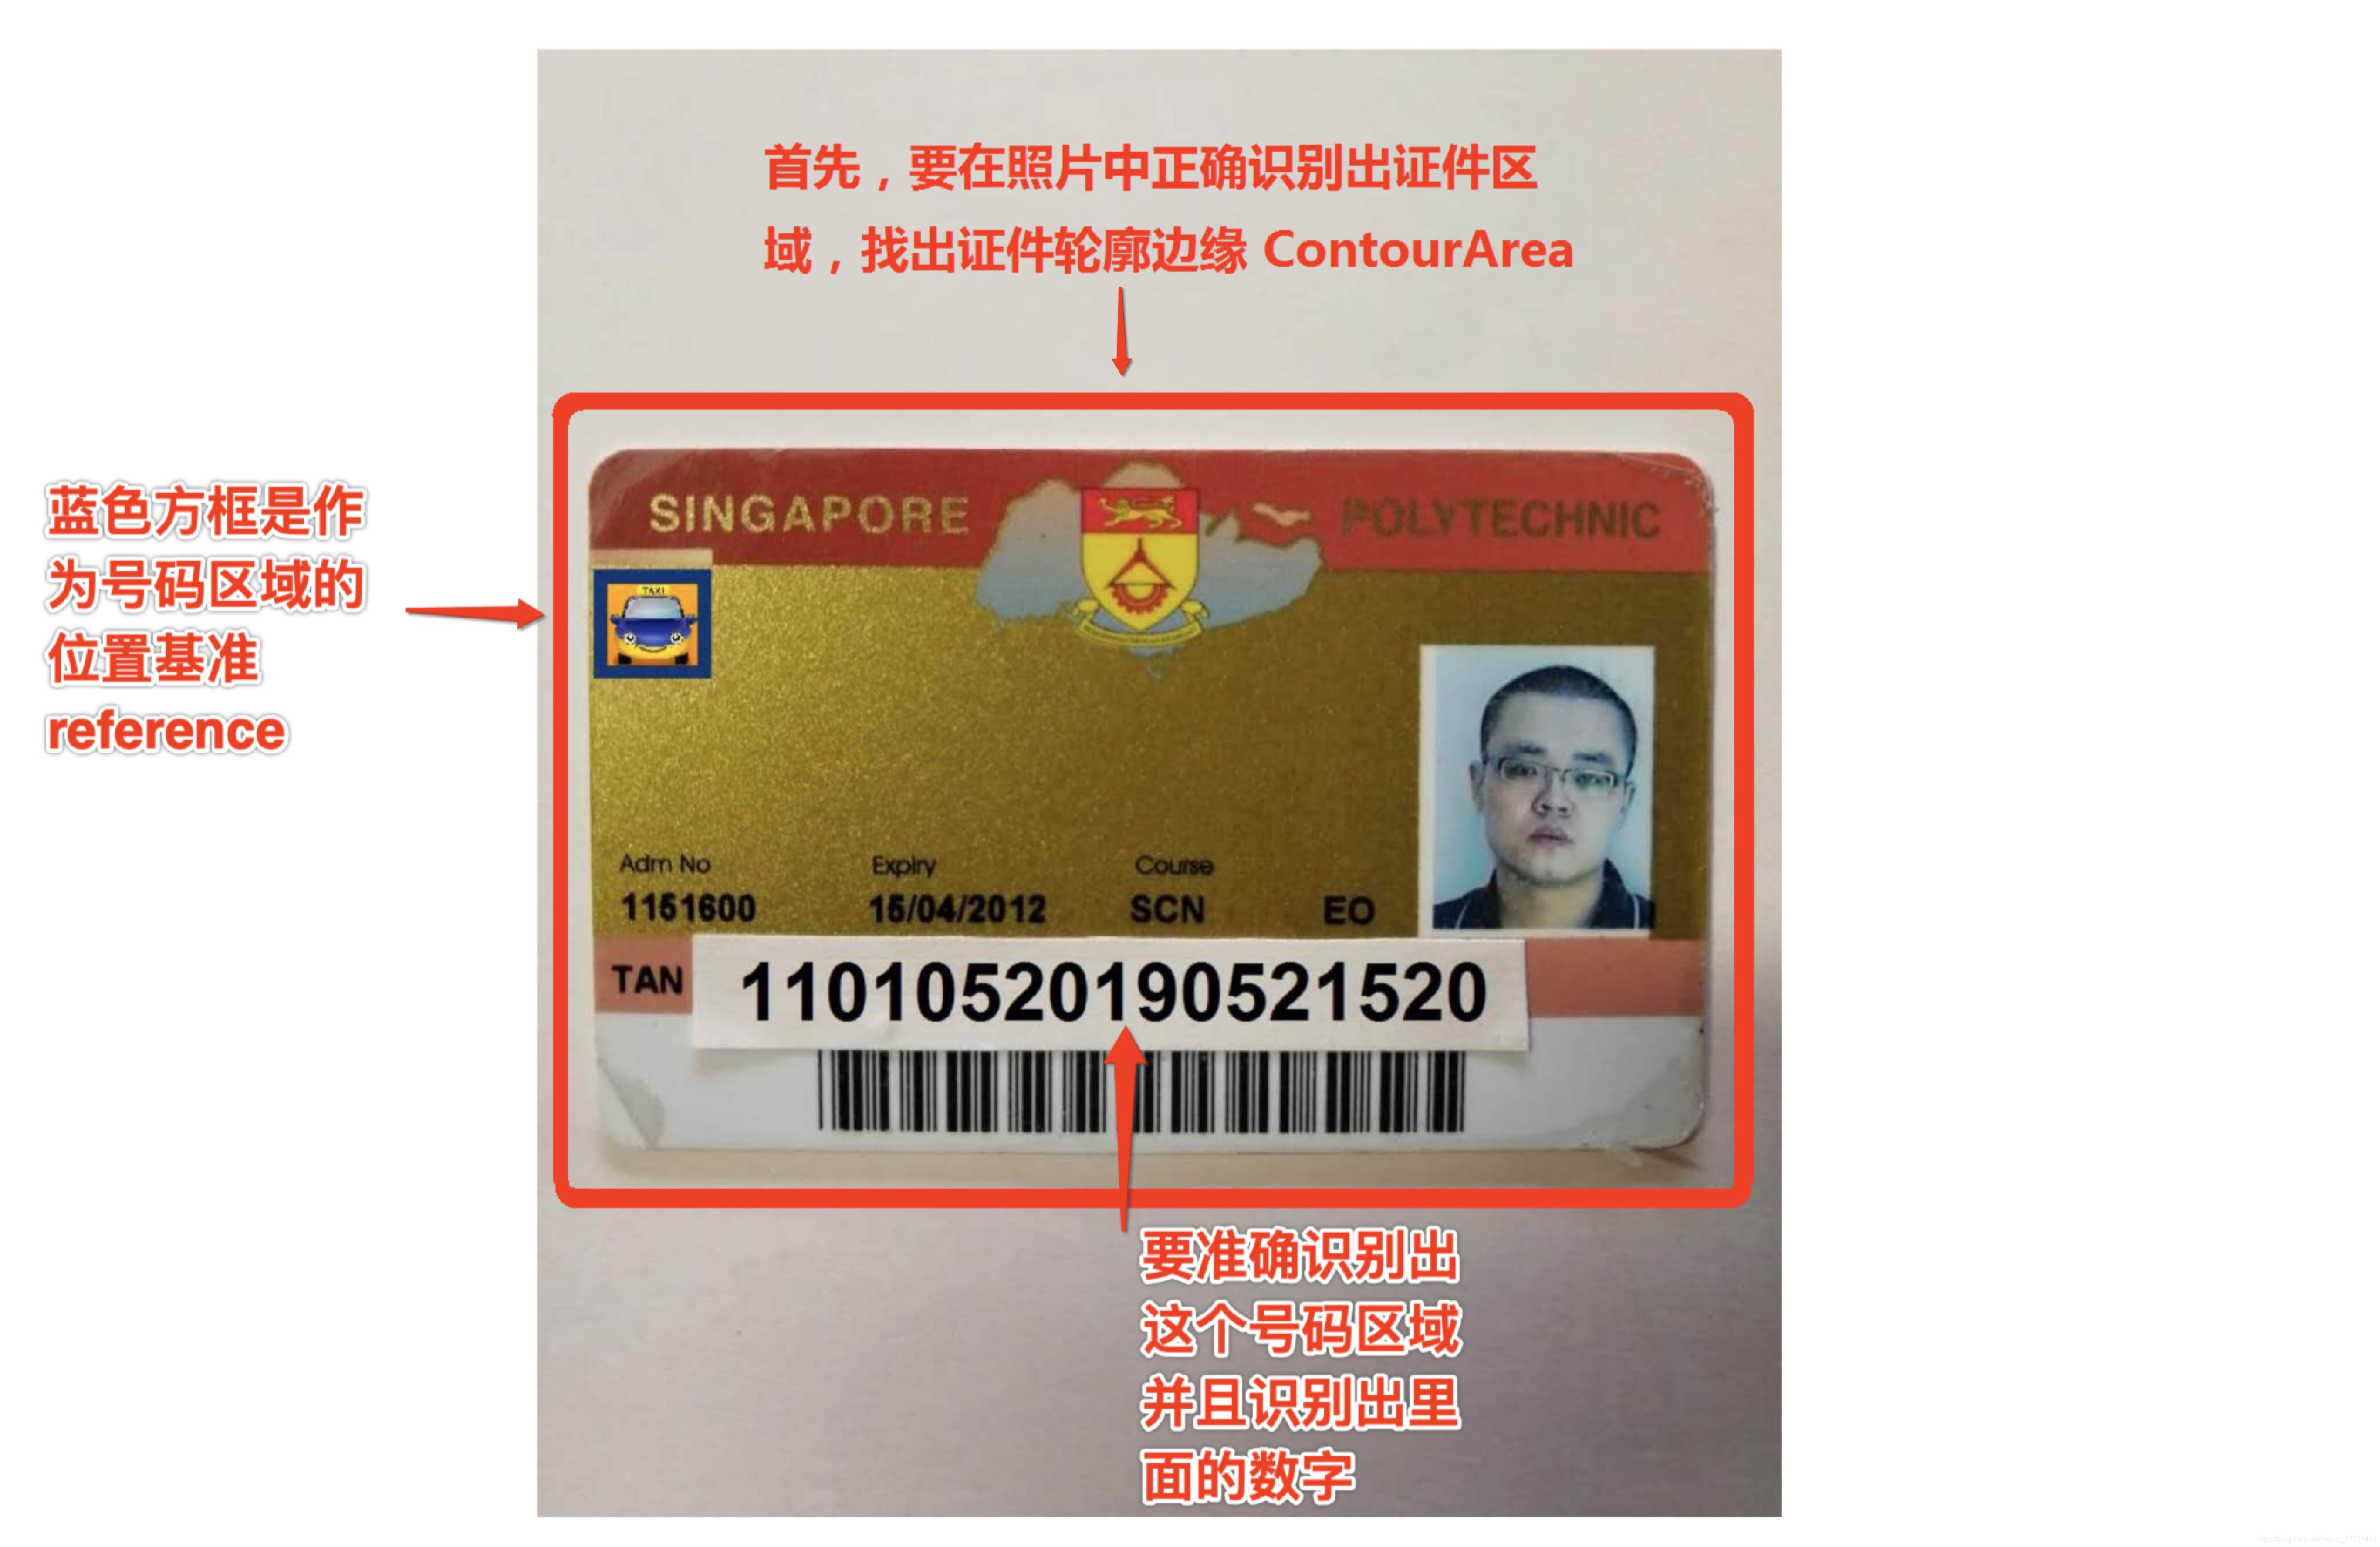 司机证件照片